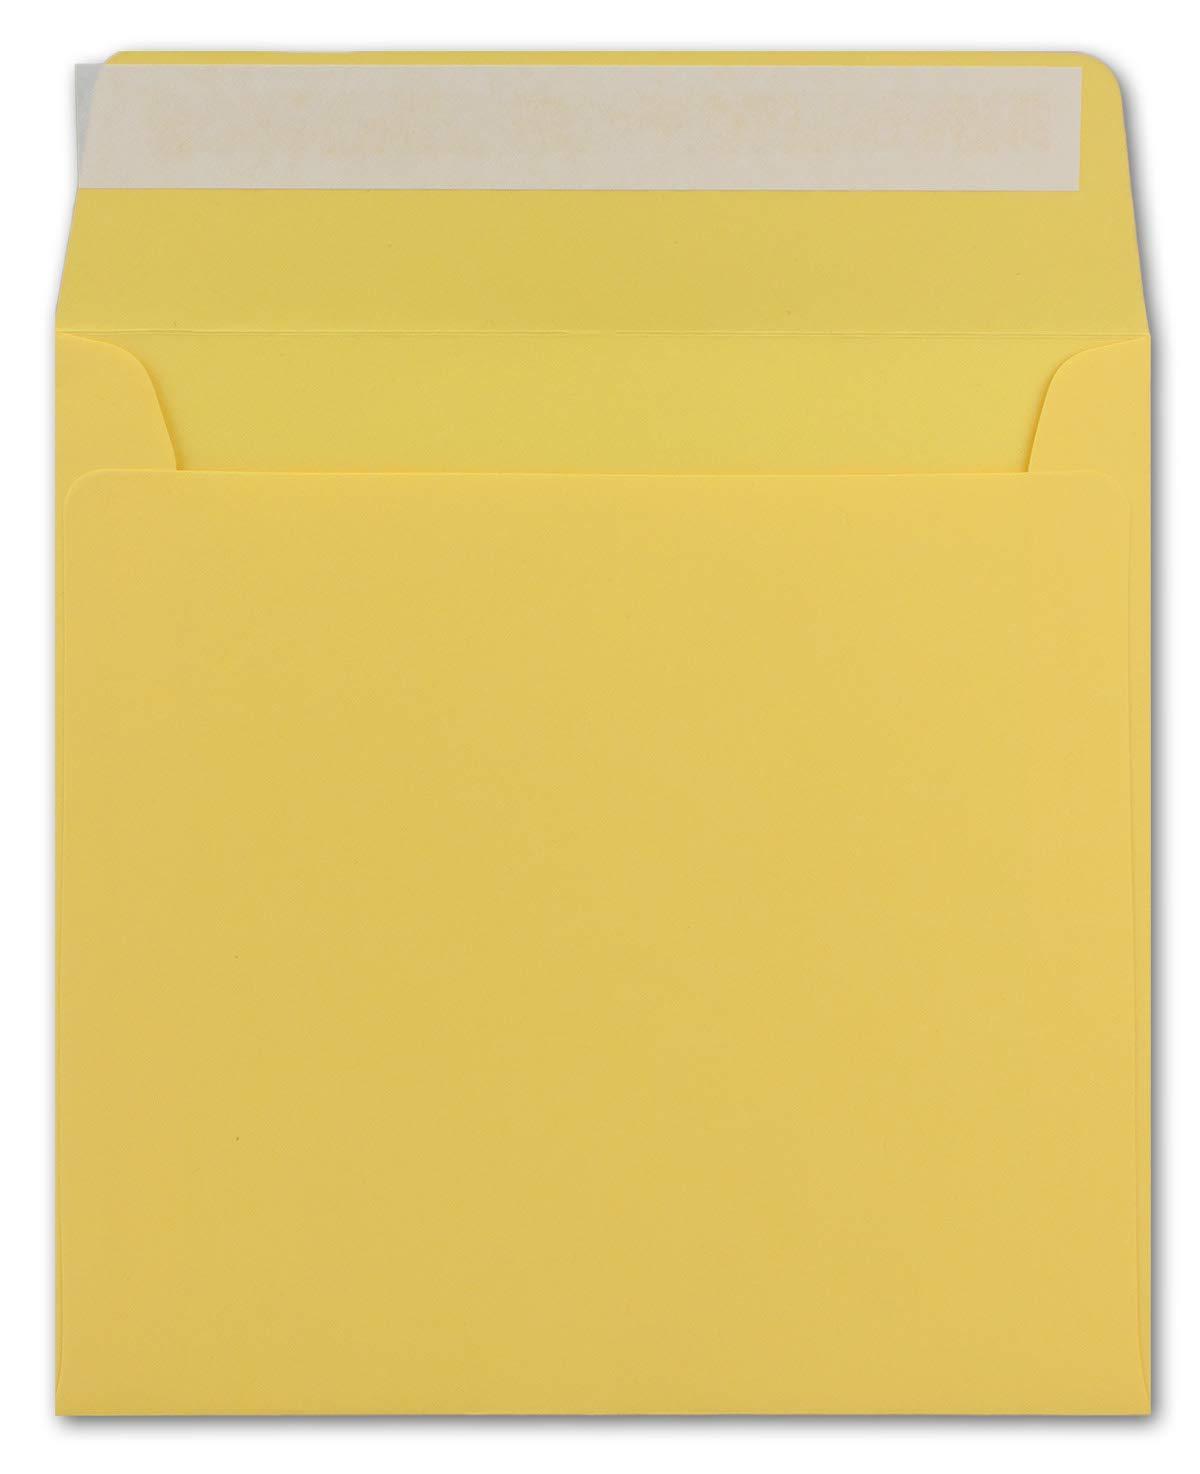 200 Quadratische Brief-Umschläge Honig-Gelb Honig-Gelb Honig-Gelb - 15,5 x 15,5 cm - 120 g m² Haftklebung stabile KuGrüns ohne Fenster - von Ihrem Glüxx-Agent B07GPLDWZK | Vielfältiges neues Design  | Fein Verarbeitet  | Wunderbar  2d851c